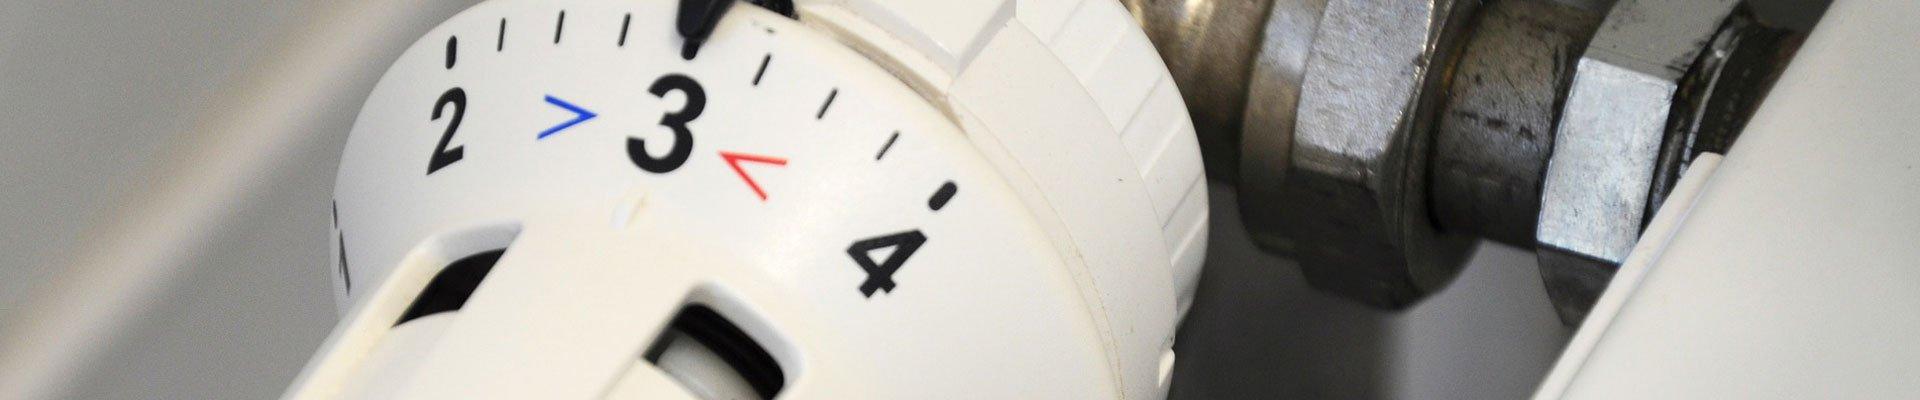 Thermostat an der Heizung